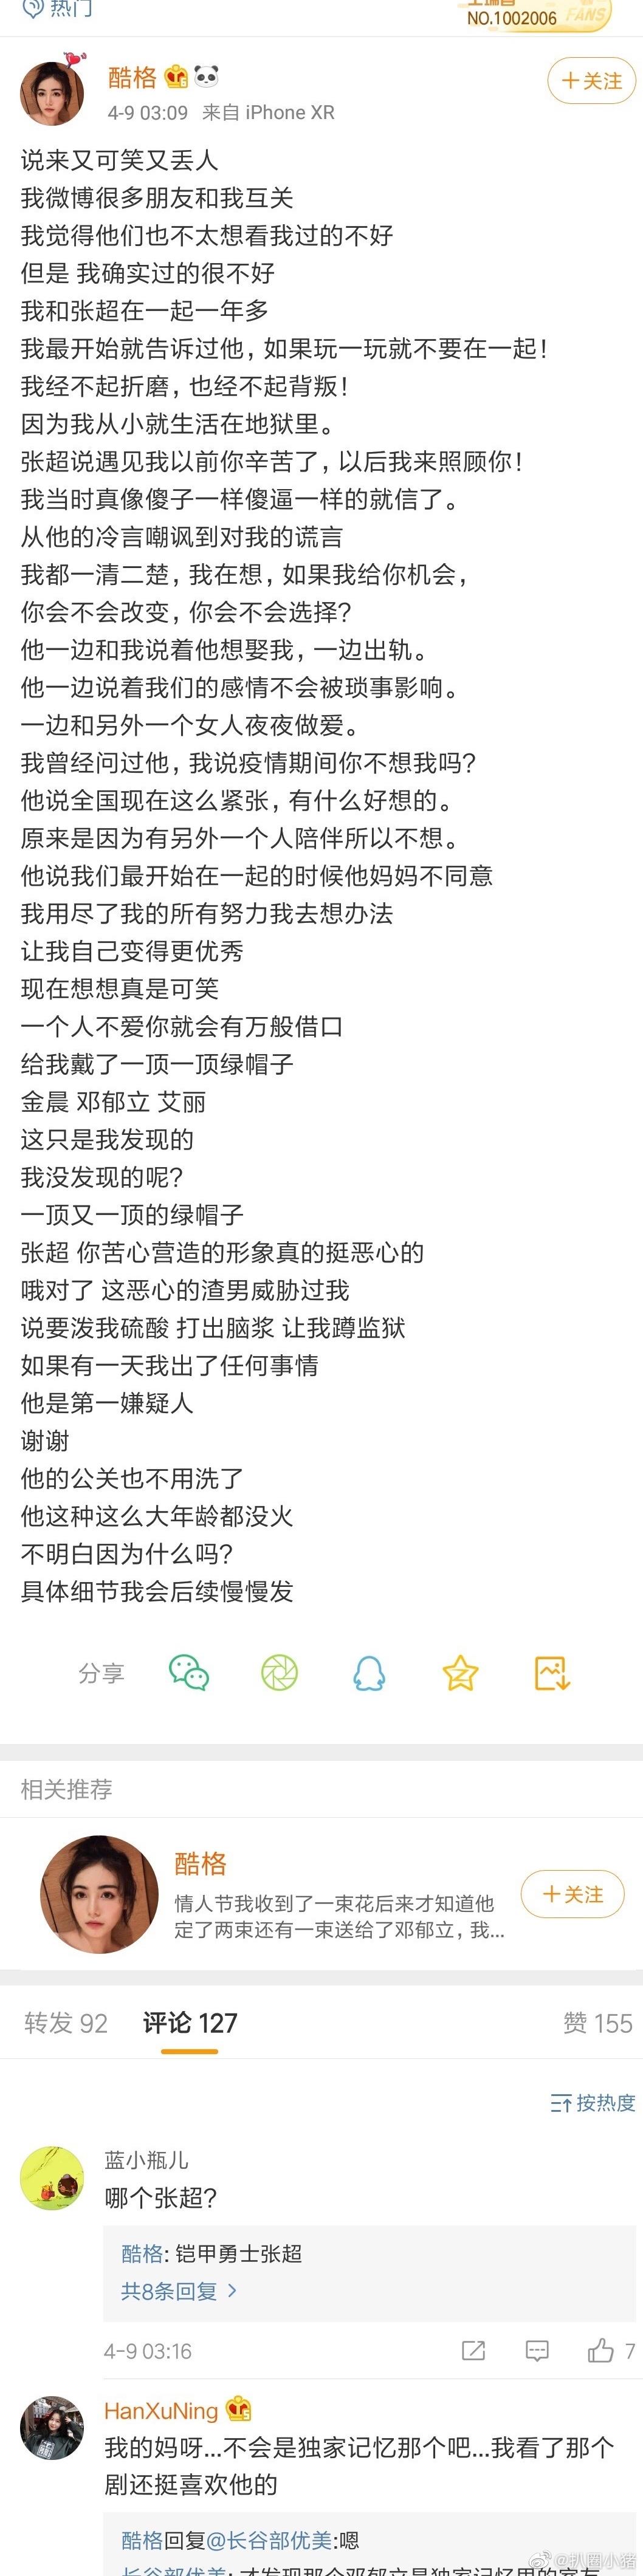 女友酷格爆料张超在他们恋爱期间出轨了金晨 邓郁立 艾丽!!